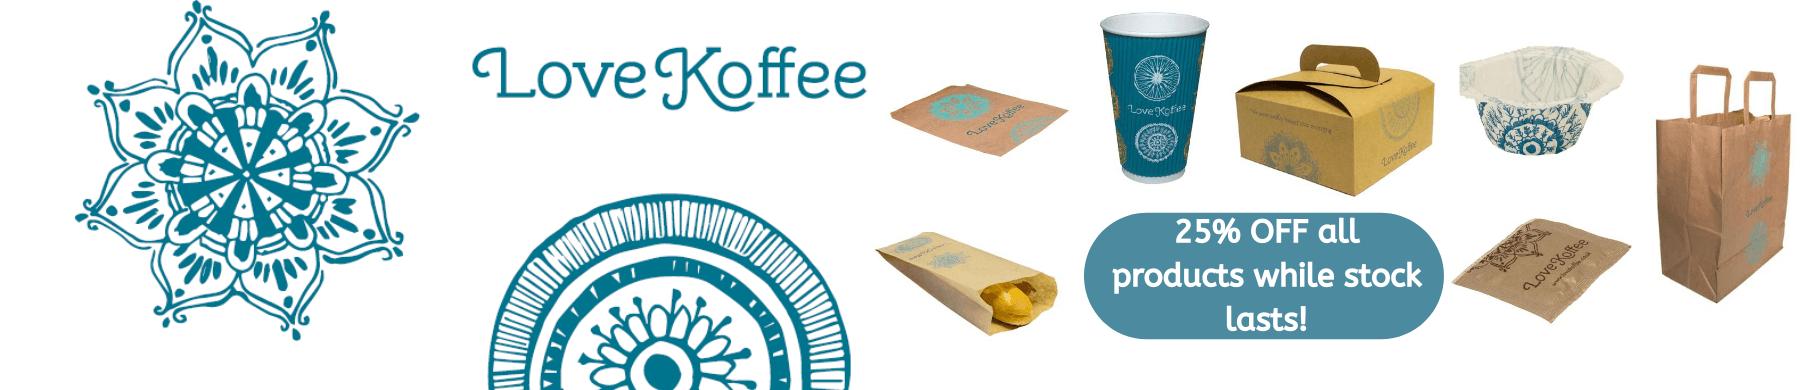 Love Koffee